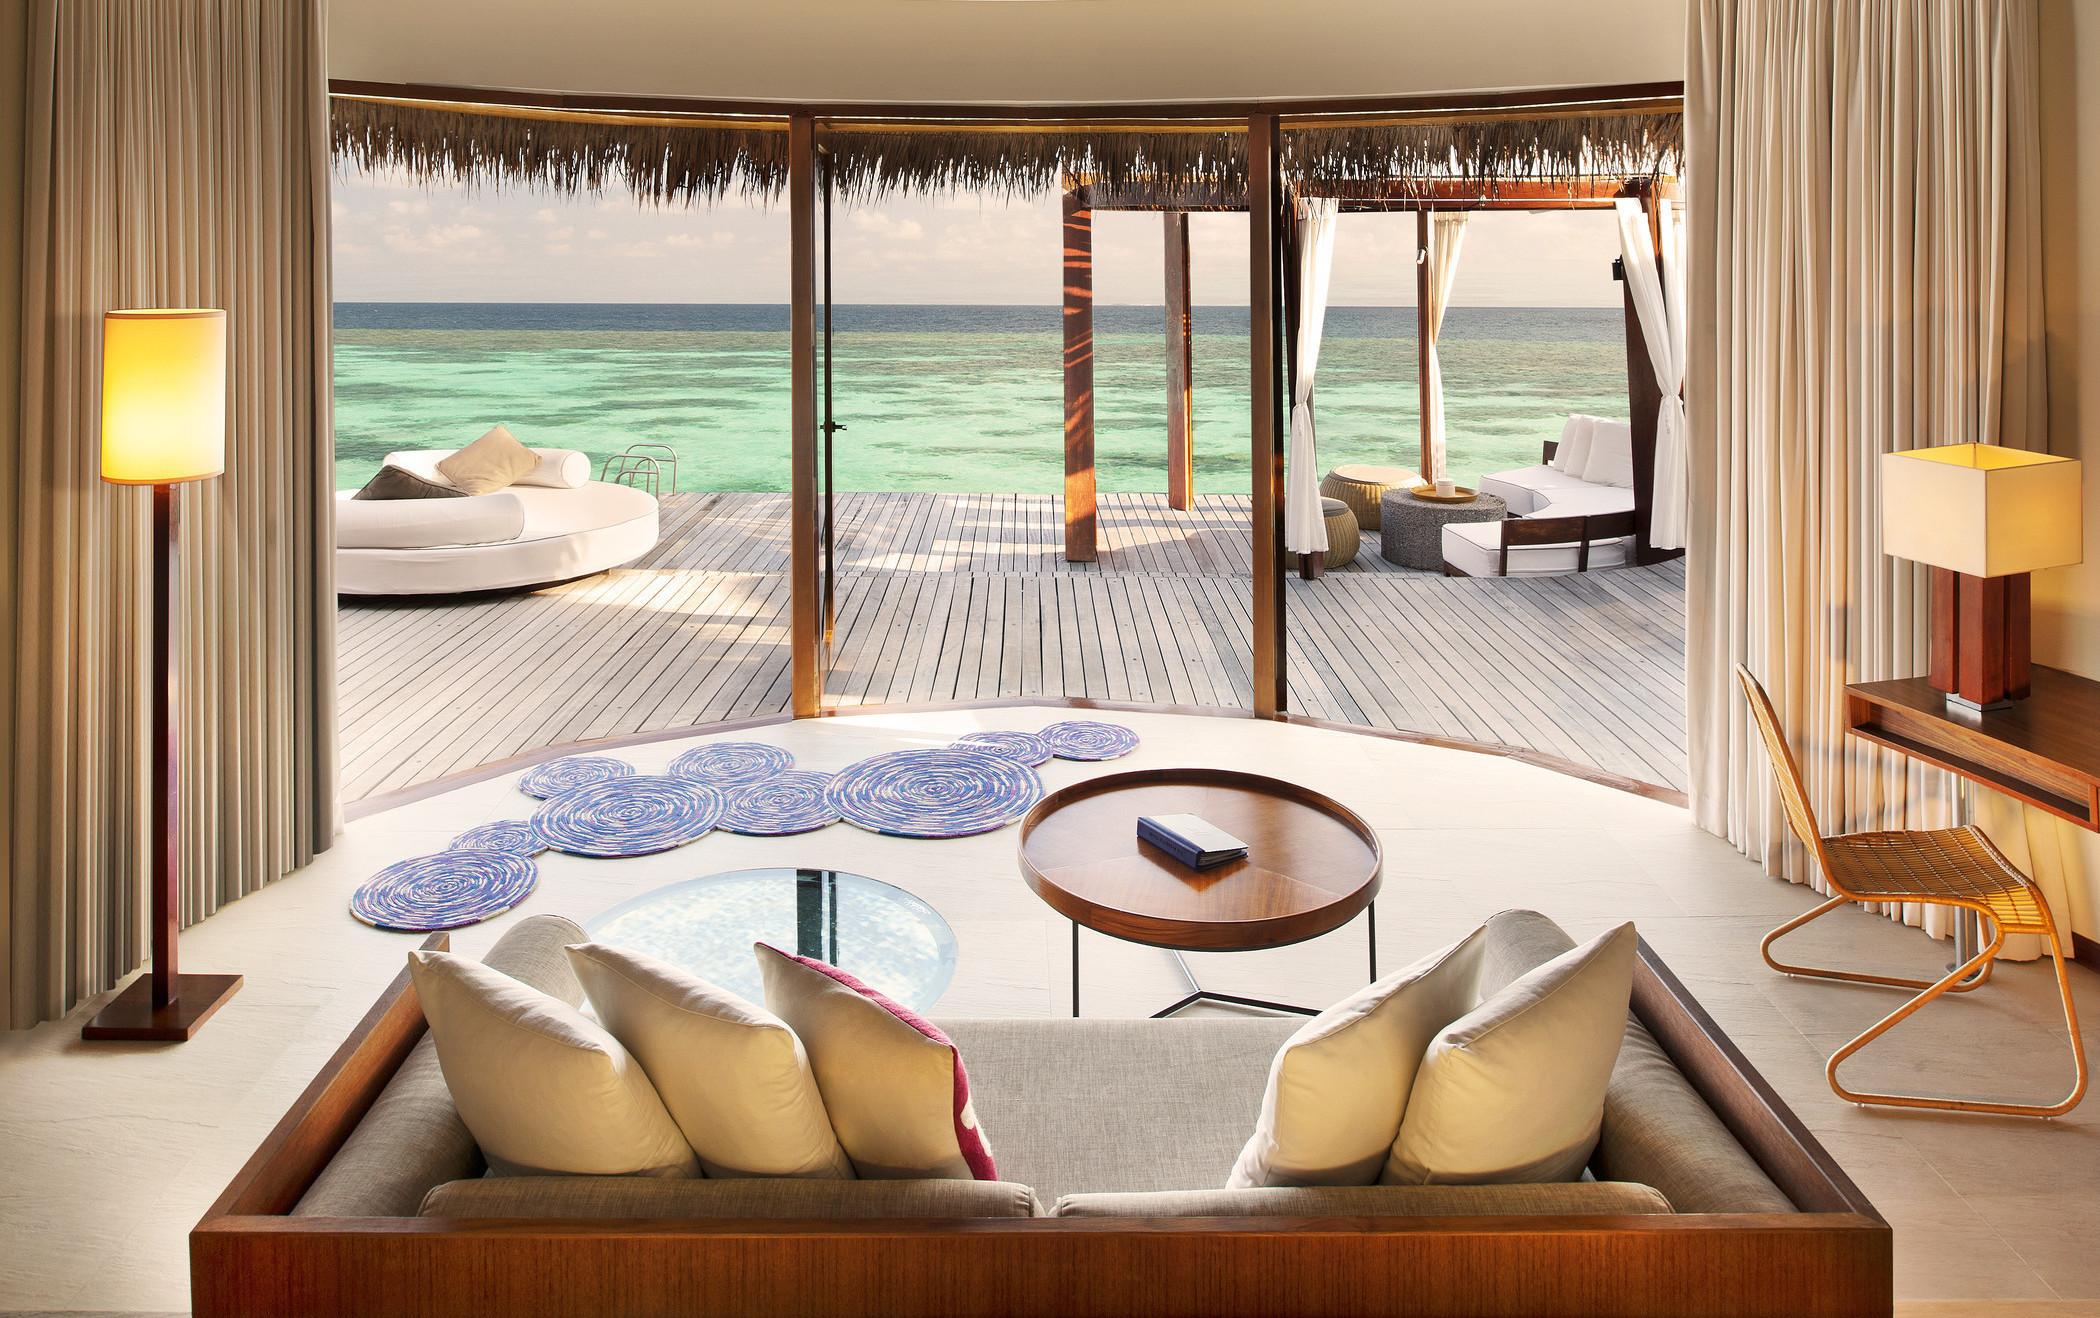 Мальдивы номера отеля отдых The Maldives the rooms the rest  № 334047 без смс